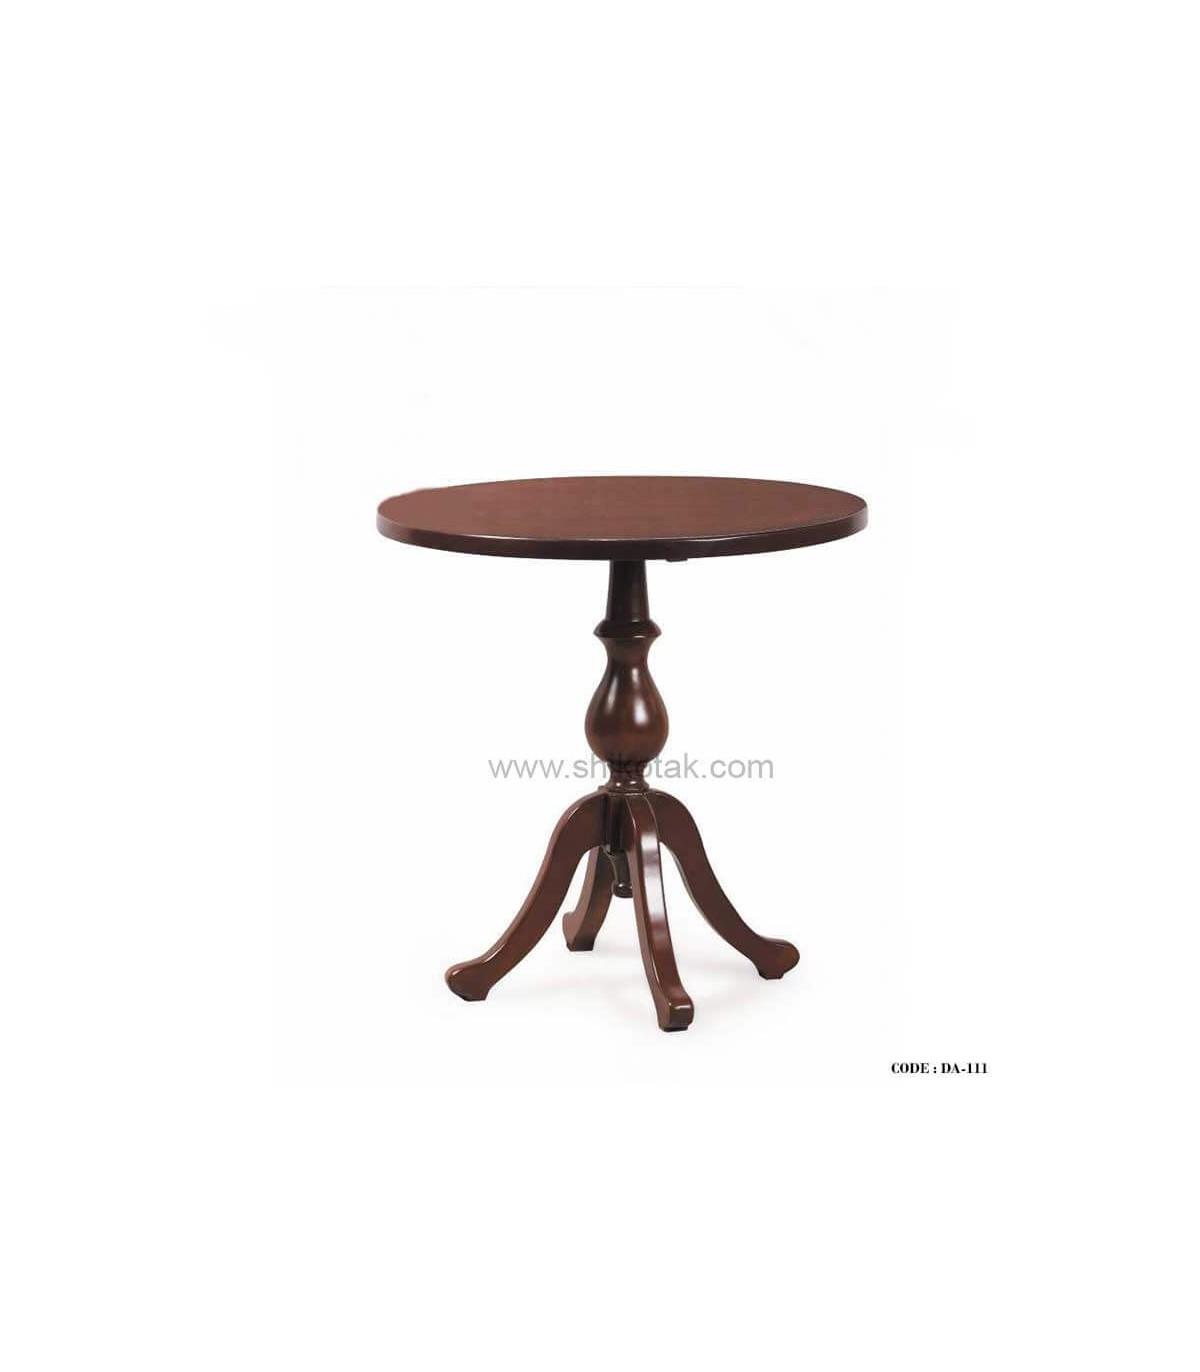 میز خاطره چوبی سری 111